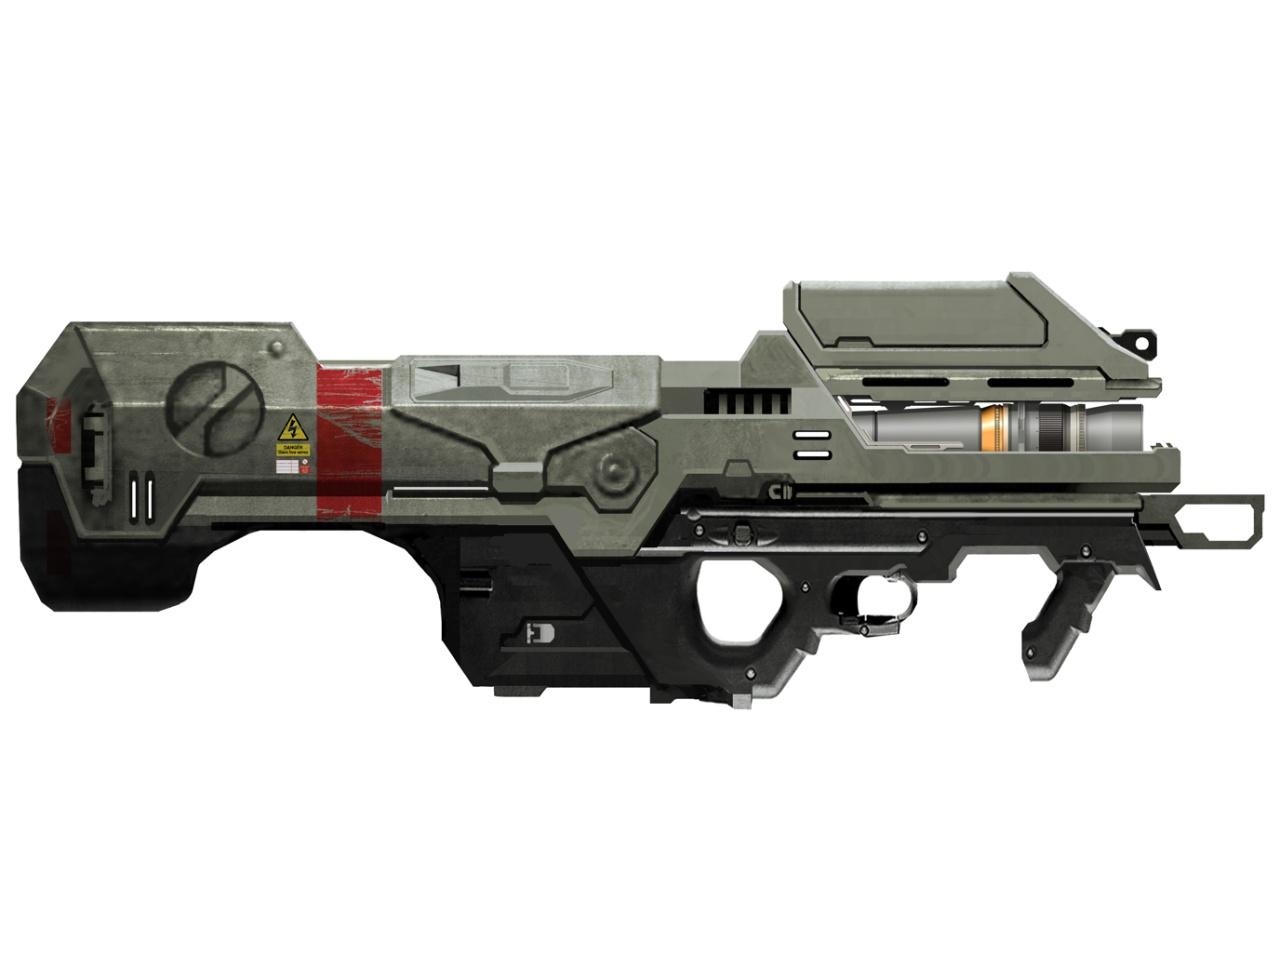 Spartan laser aka splazer